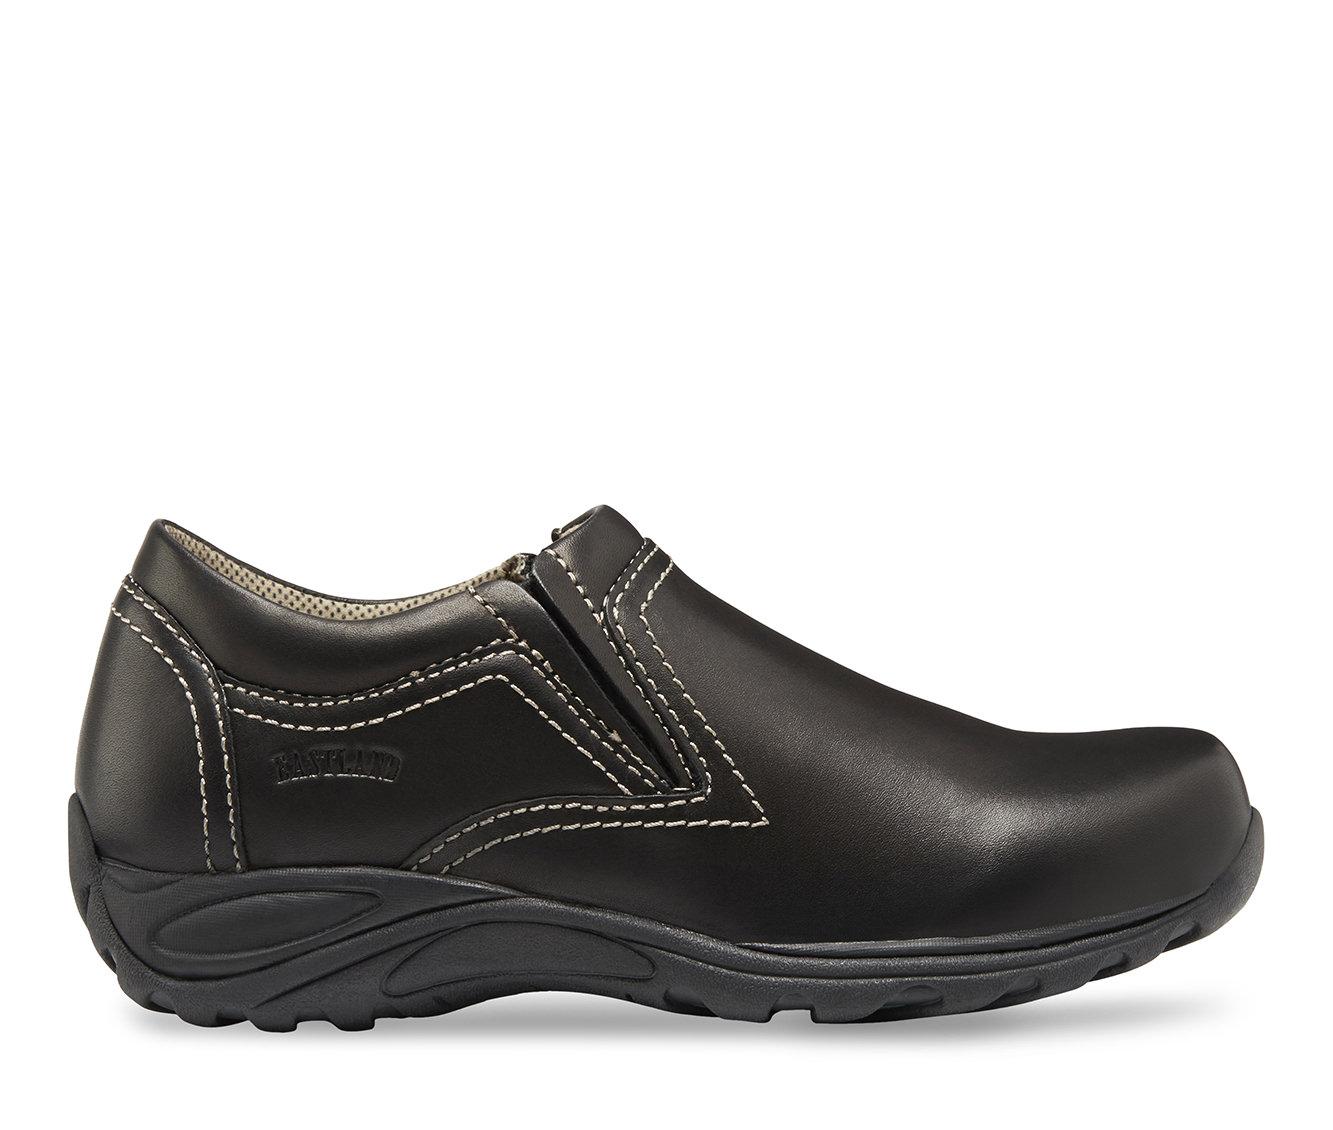 Eastland Liliana Women's Shoe (Black Leather)